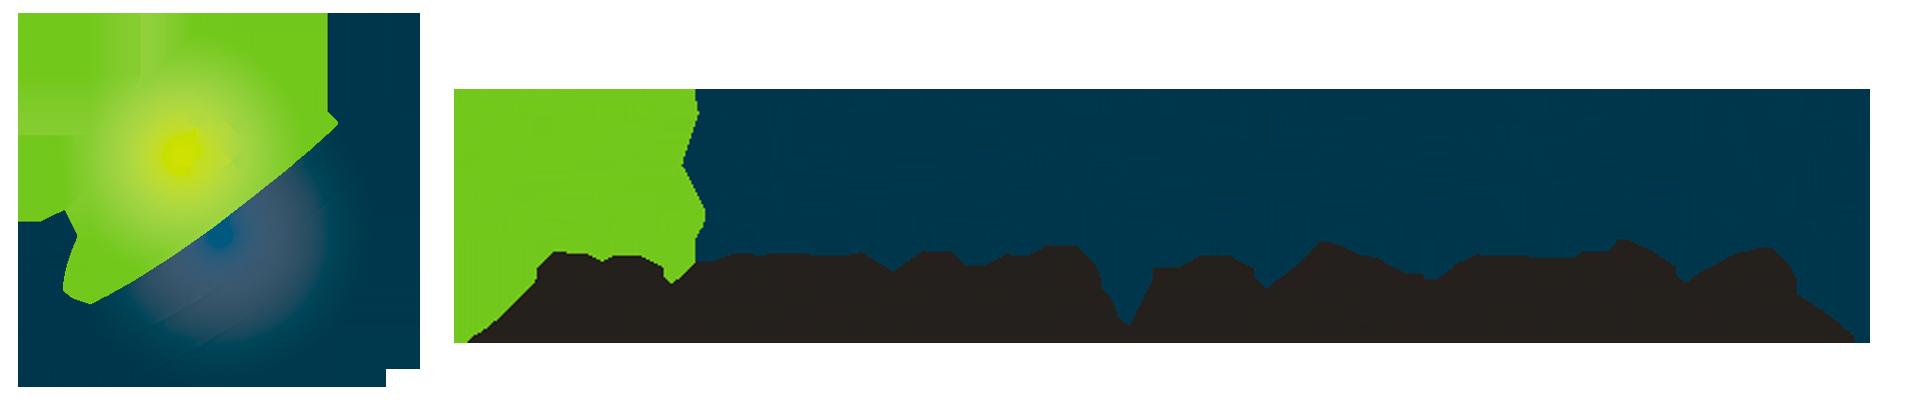 EZ Fundings Home Loans